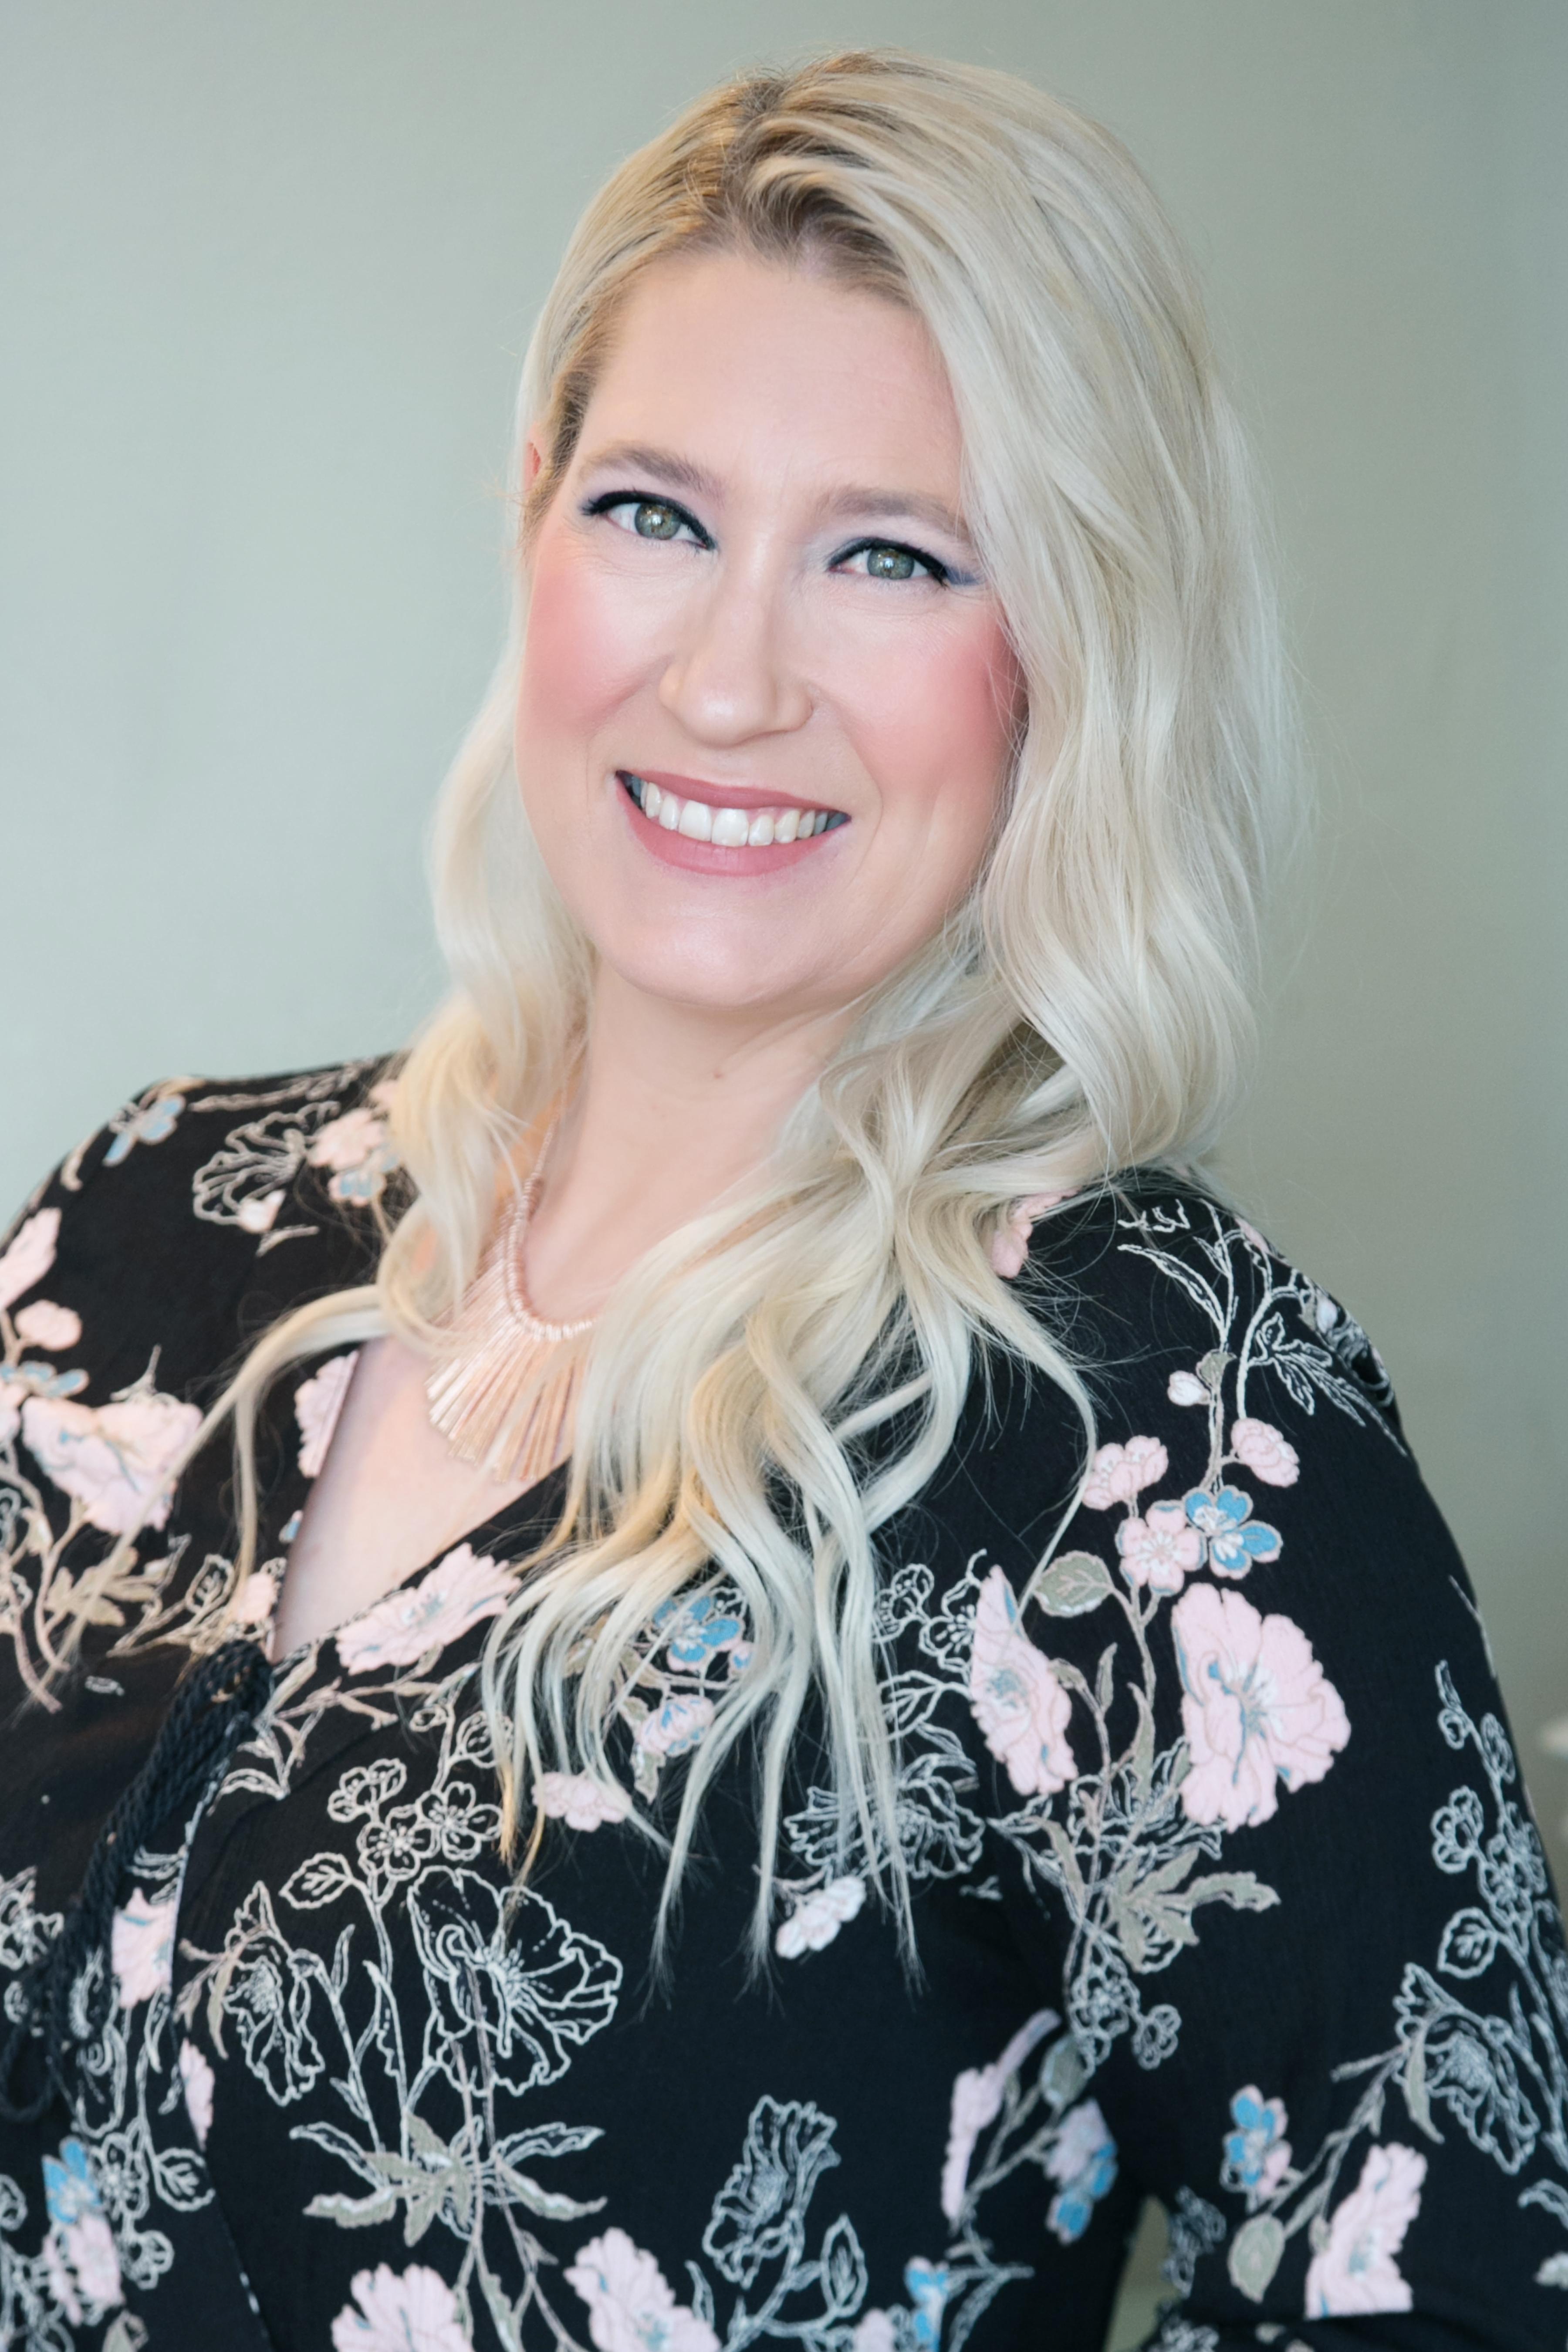 Janette Hoburg